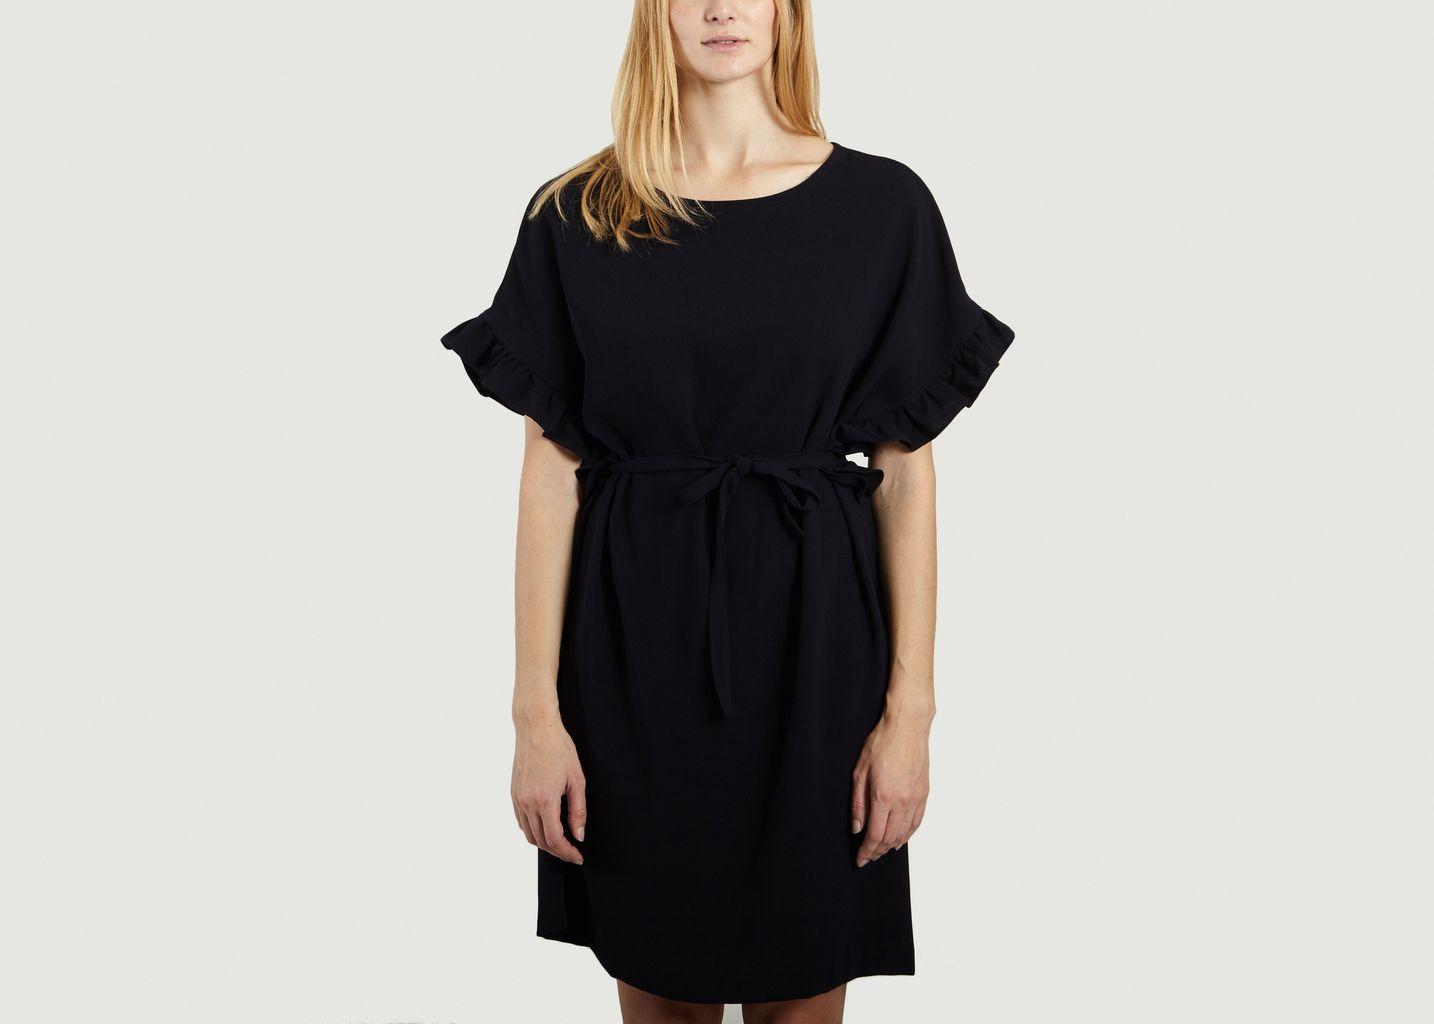 Robe Noir Robe L'Exception Losange Toupy Losange Twqd0BtnT